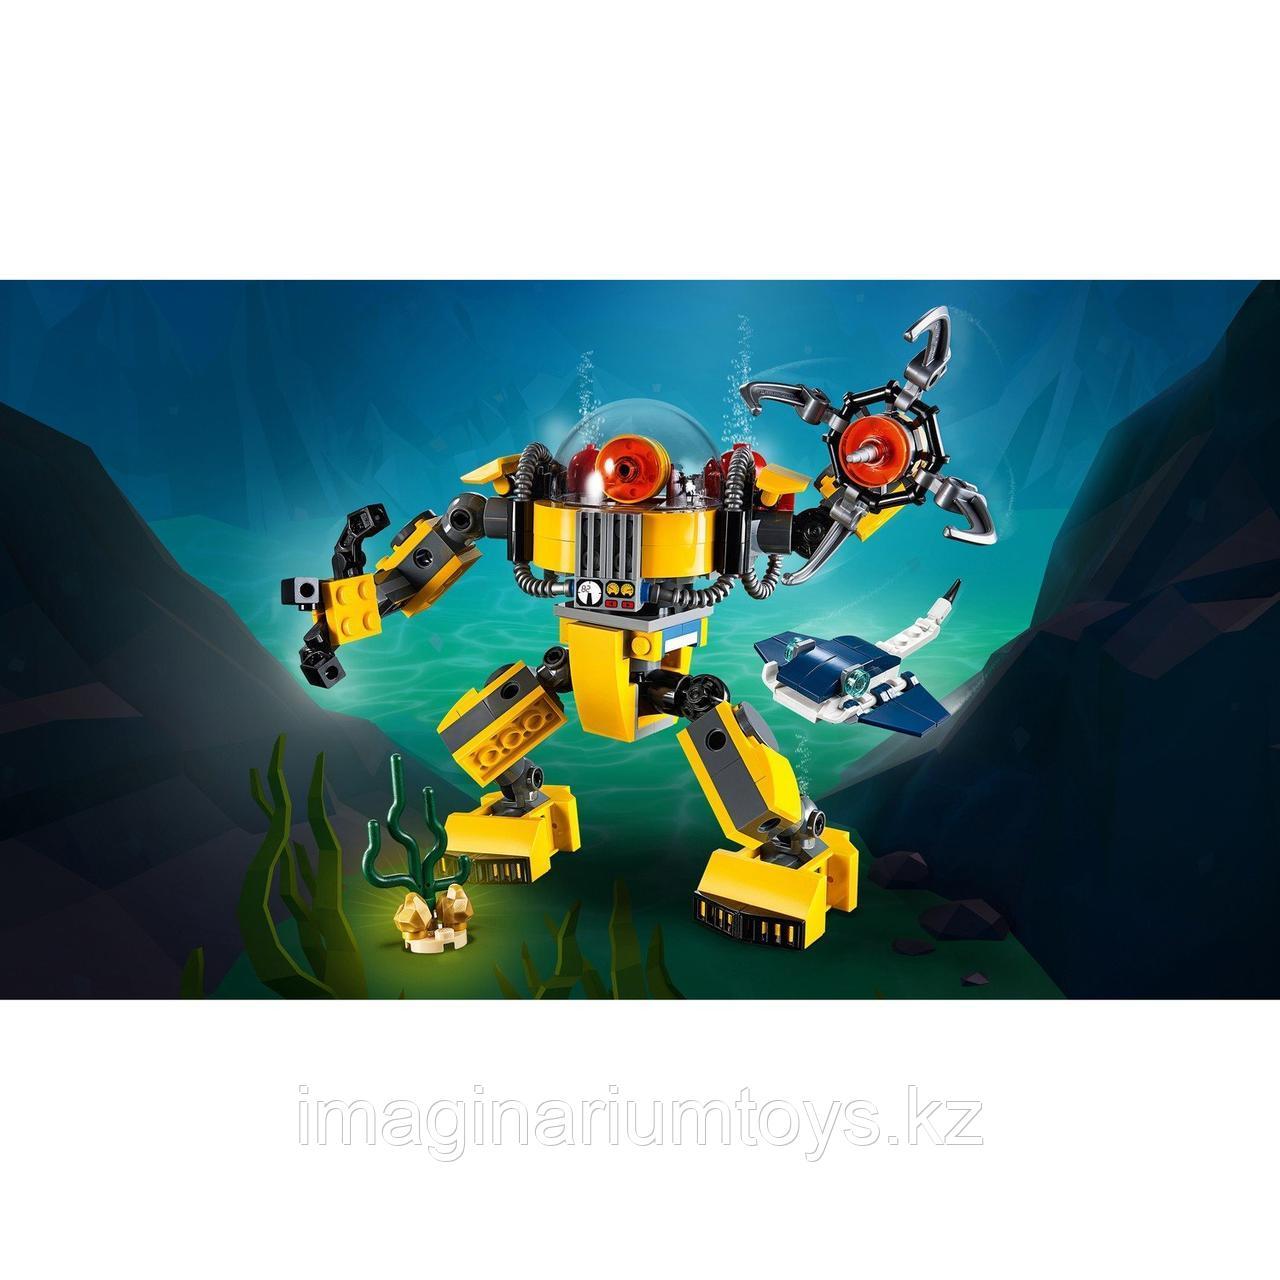 Конструктор LEGO Creator 3 в 1 Робот для подводных исследований 31090 - фото 6